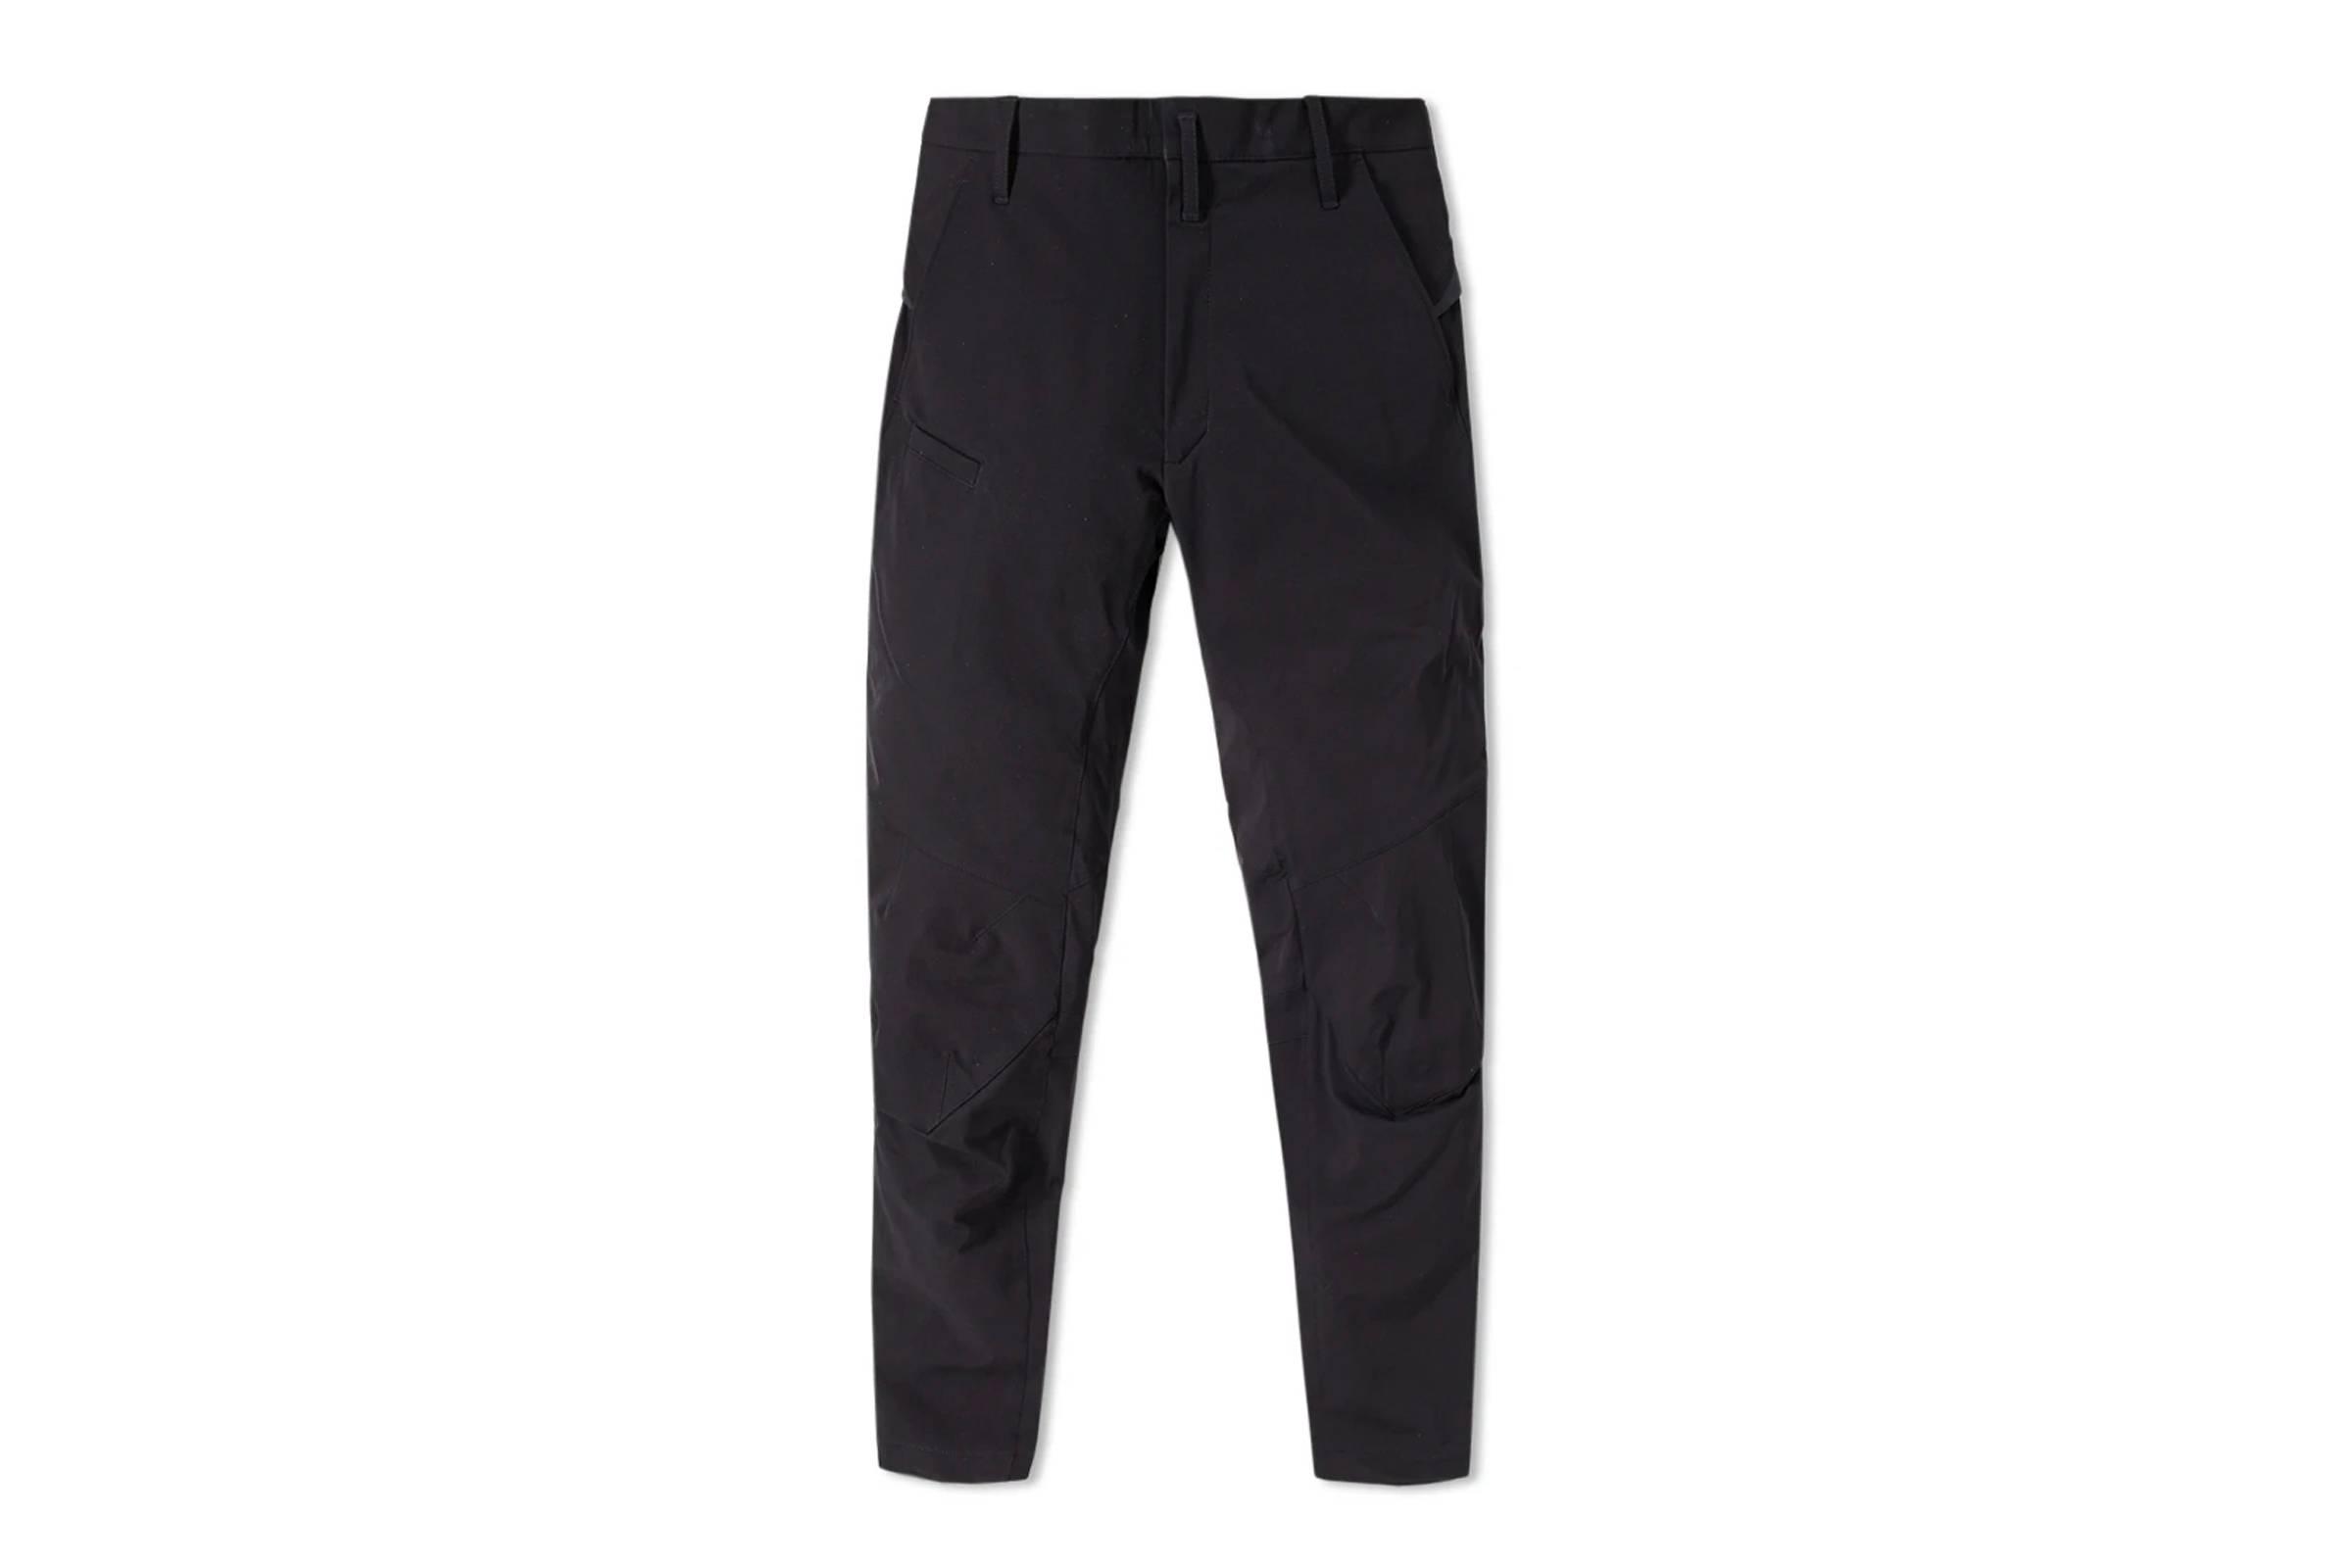 Acronym P10 Cargo Pants